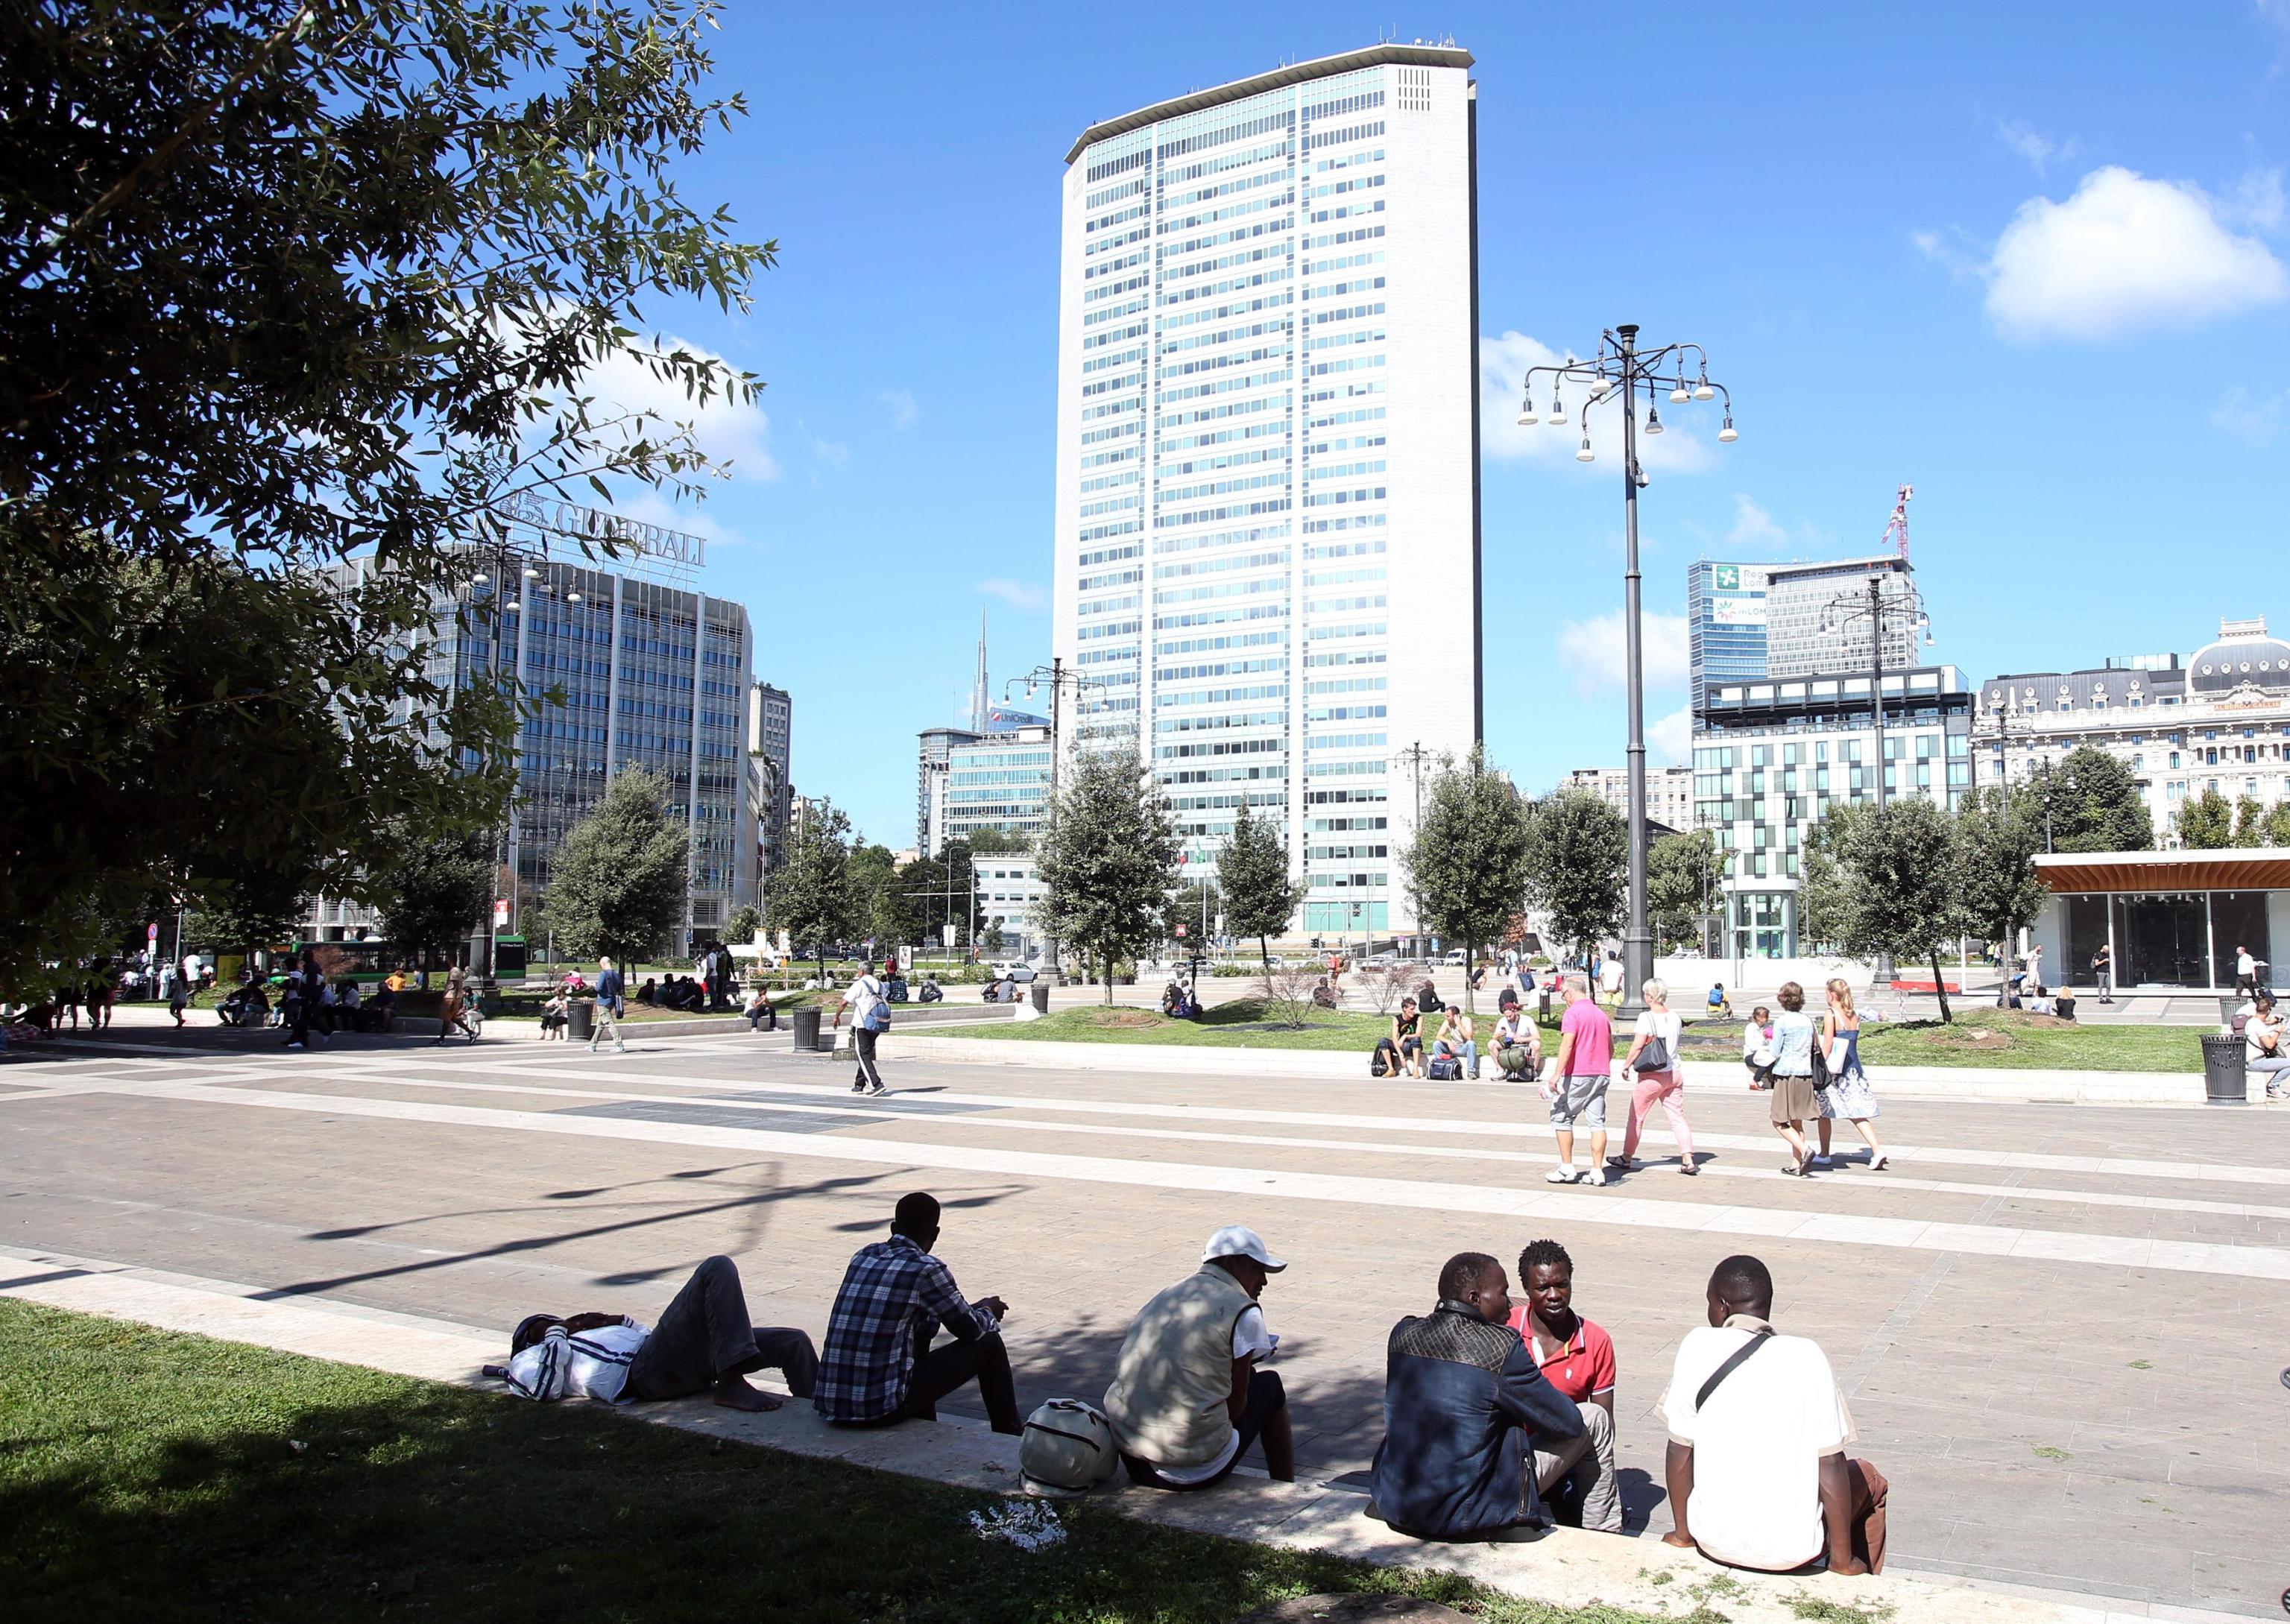 A Milano nel 2035 ci sarà un residente straniero su tre